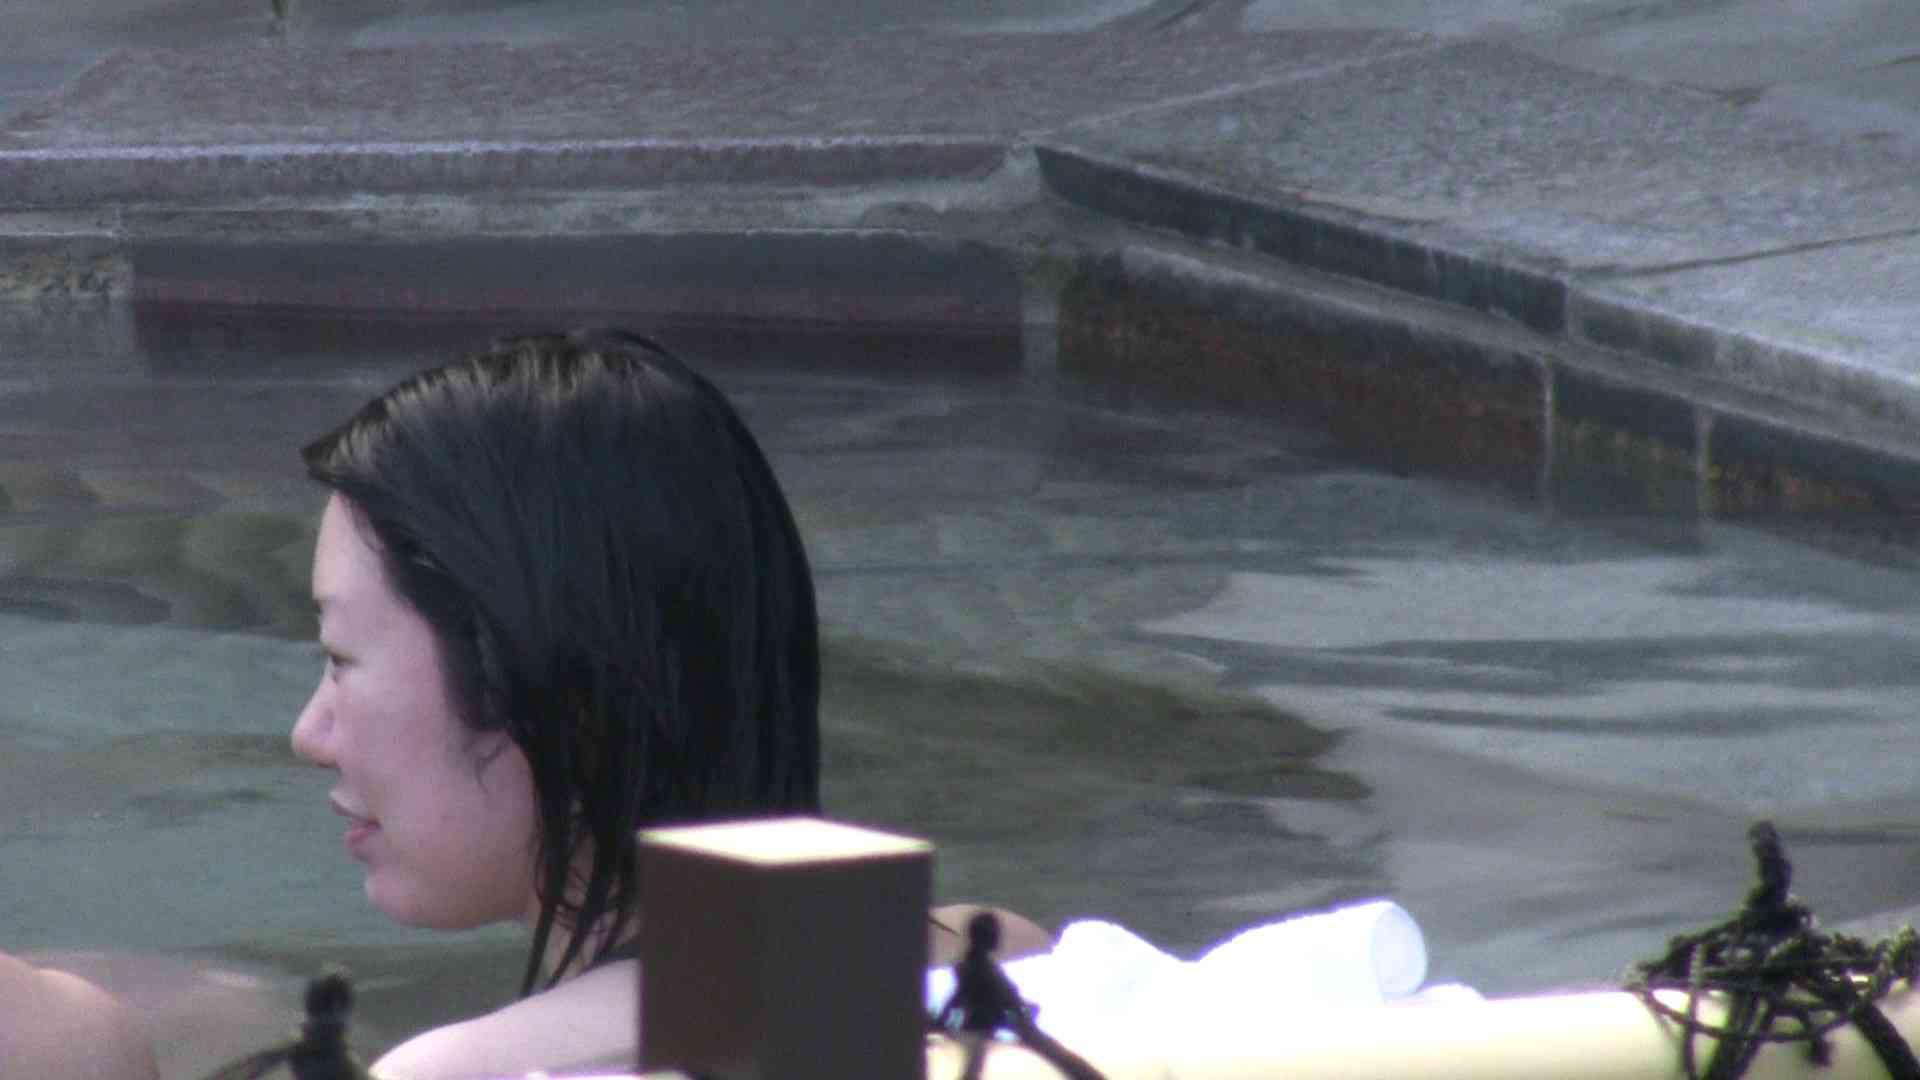 Aquaな露天風呂Vol.117 盗撮師作品 | 美しいOLの裸体  97pic 46